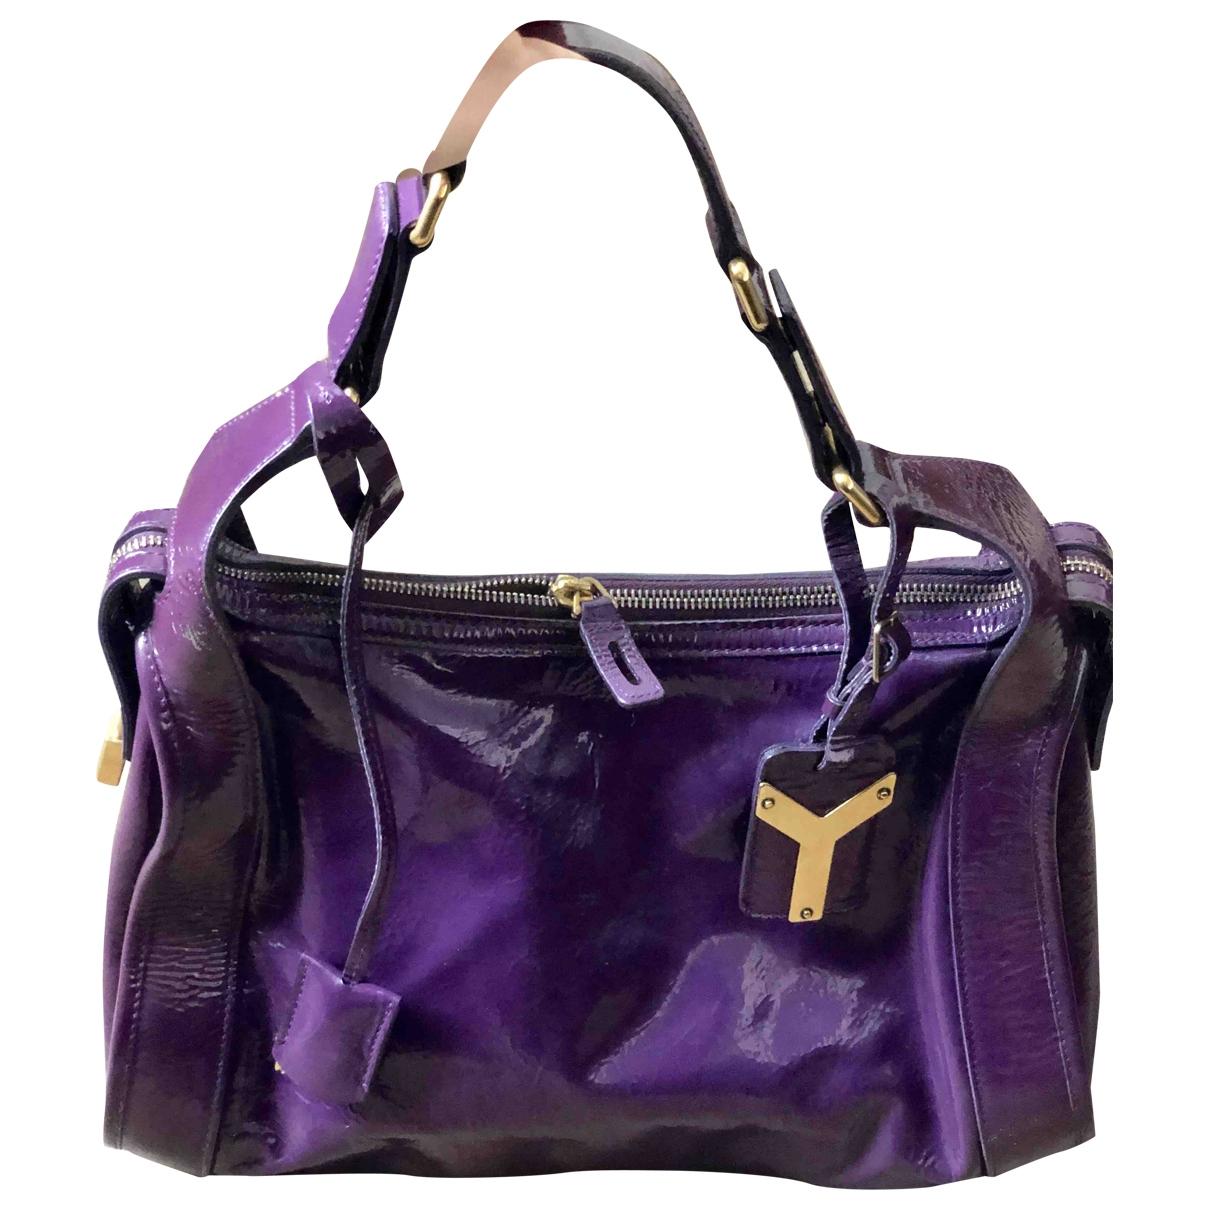 Saint Laurent - Sac a main   pour femme en cuir verni - violet